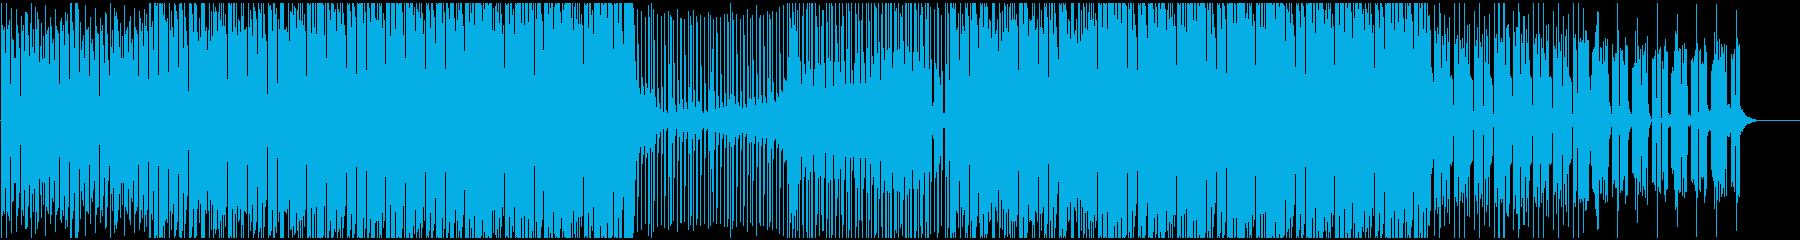 戦闘向けエレクトロ、デジタルロックの再生済みの波形